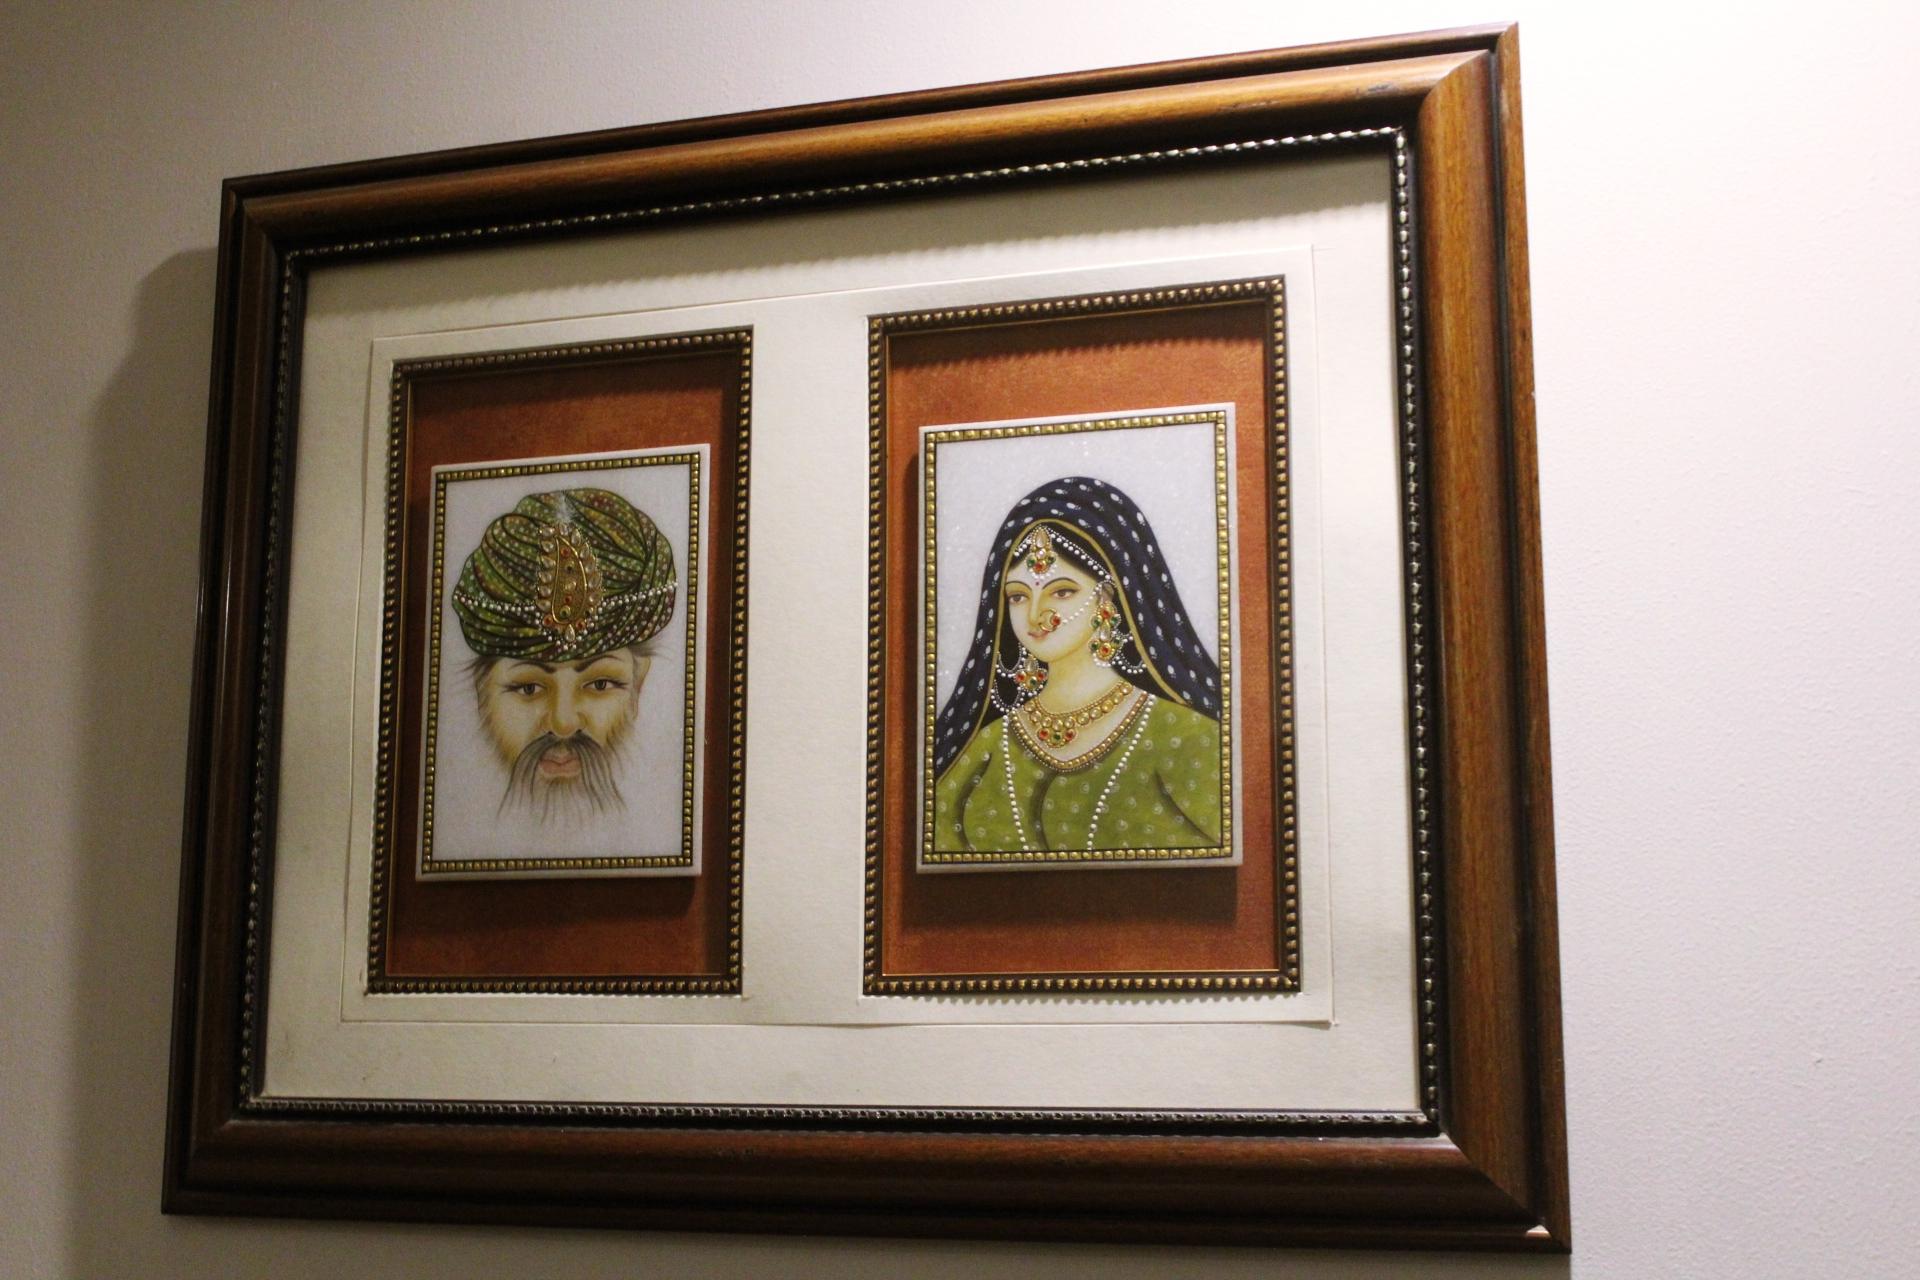 Bhopal Nawab Begum